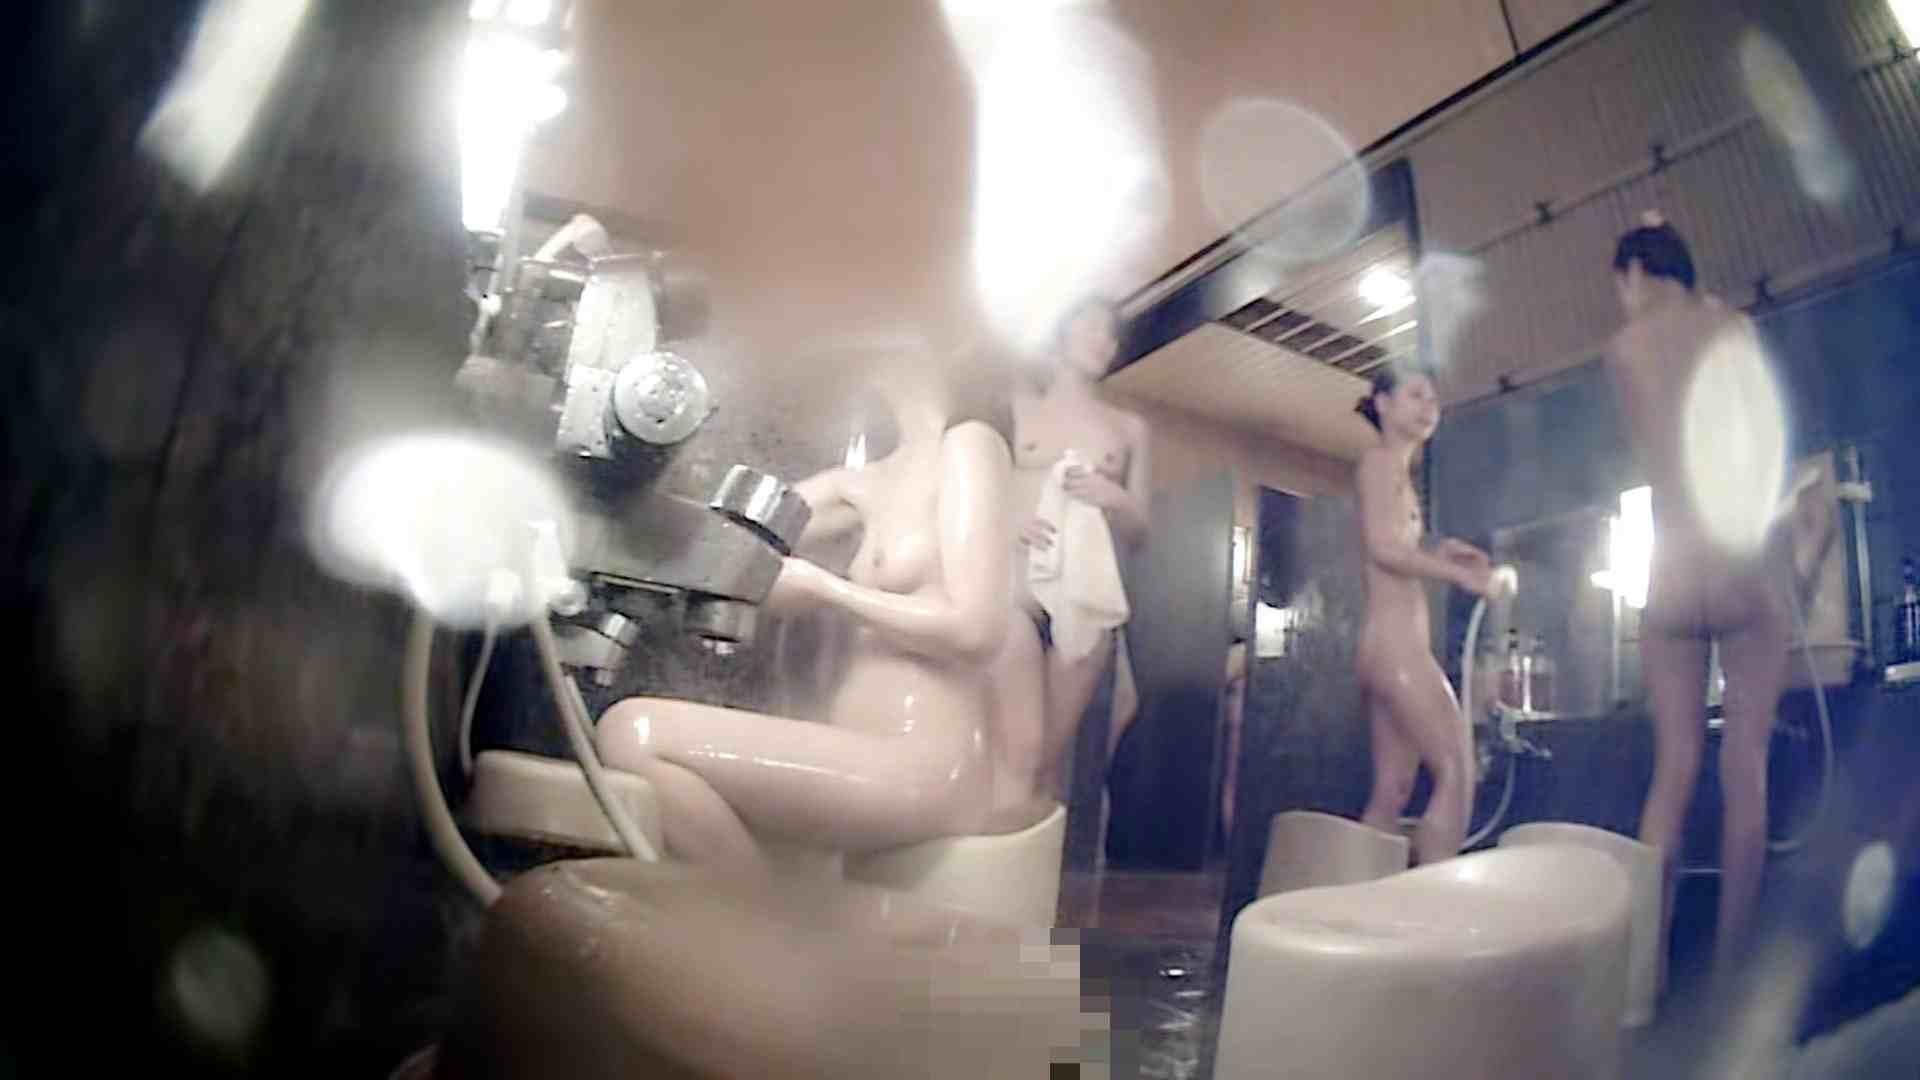 無修正エロ動画|[画質UP]TG.33 【一等兵】オッパイだけならギリギリセーフ|怪盗ジョーカー